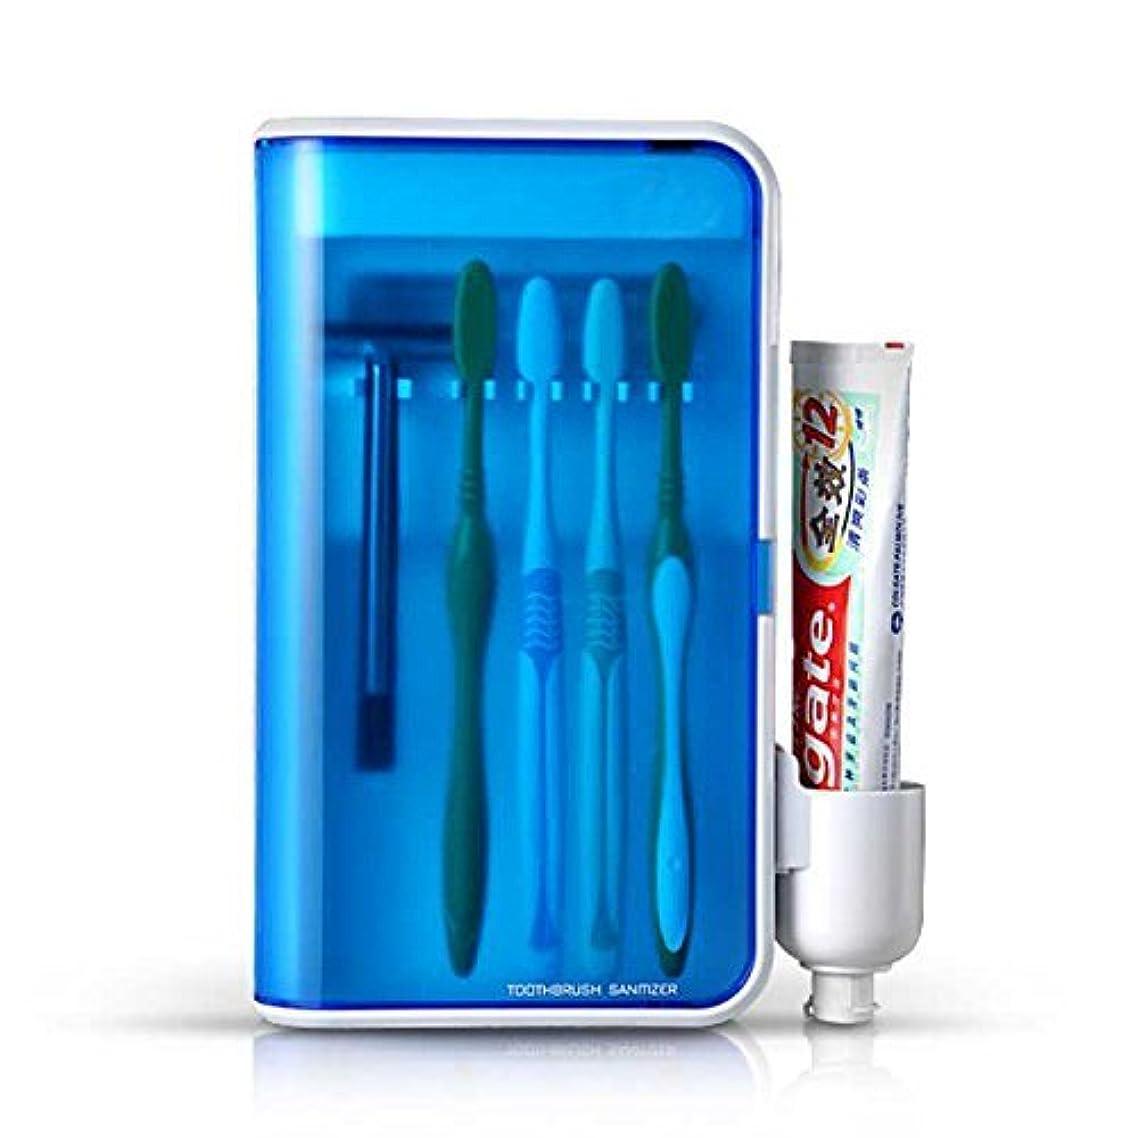 乱れ狂ったどれでもGlodeals 歯ブラシ スタンド紫外線ライト 家族用5本 紫外線ライトで消毒殺菌歯ブラシケース 歯ブラシホルダーセット 壁付け 99.99% 除菌 消毒器